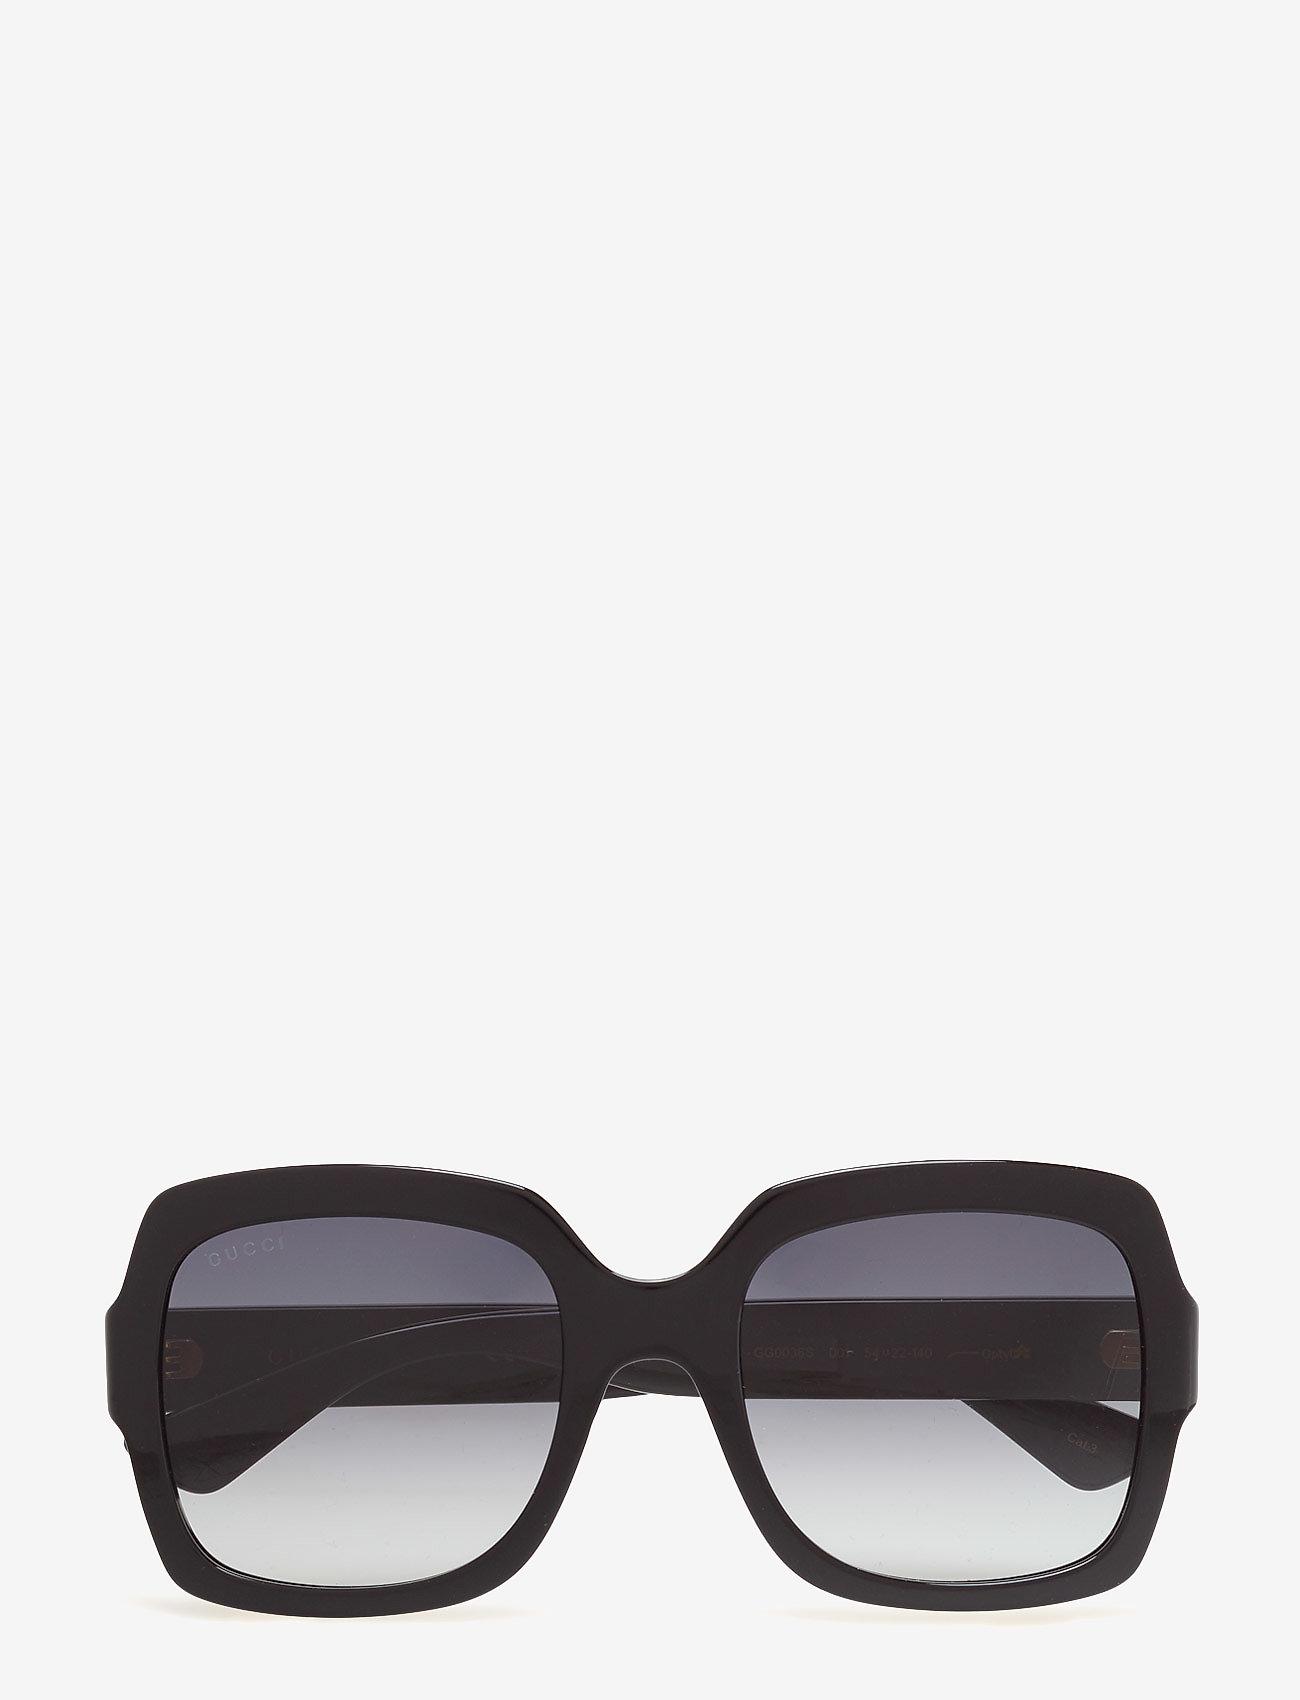 Gucci Sunglasses - GG0036S - square frame - black-black-grey - 0